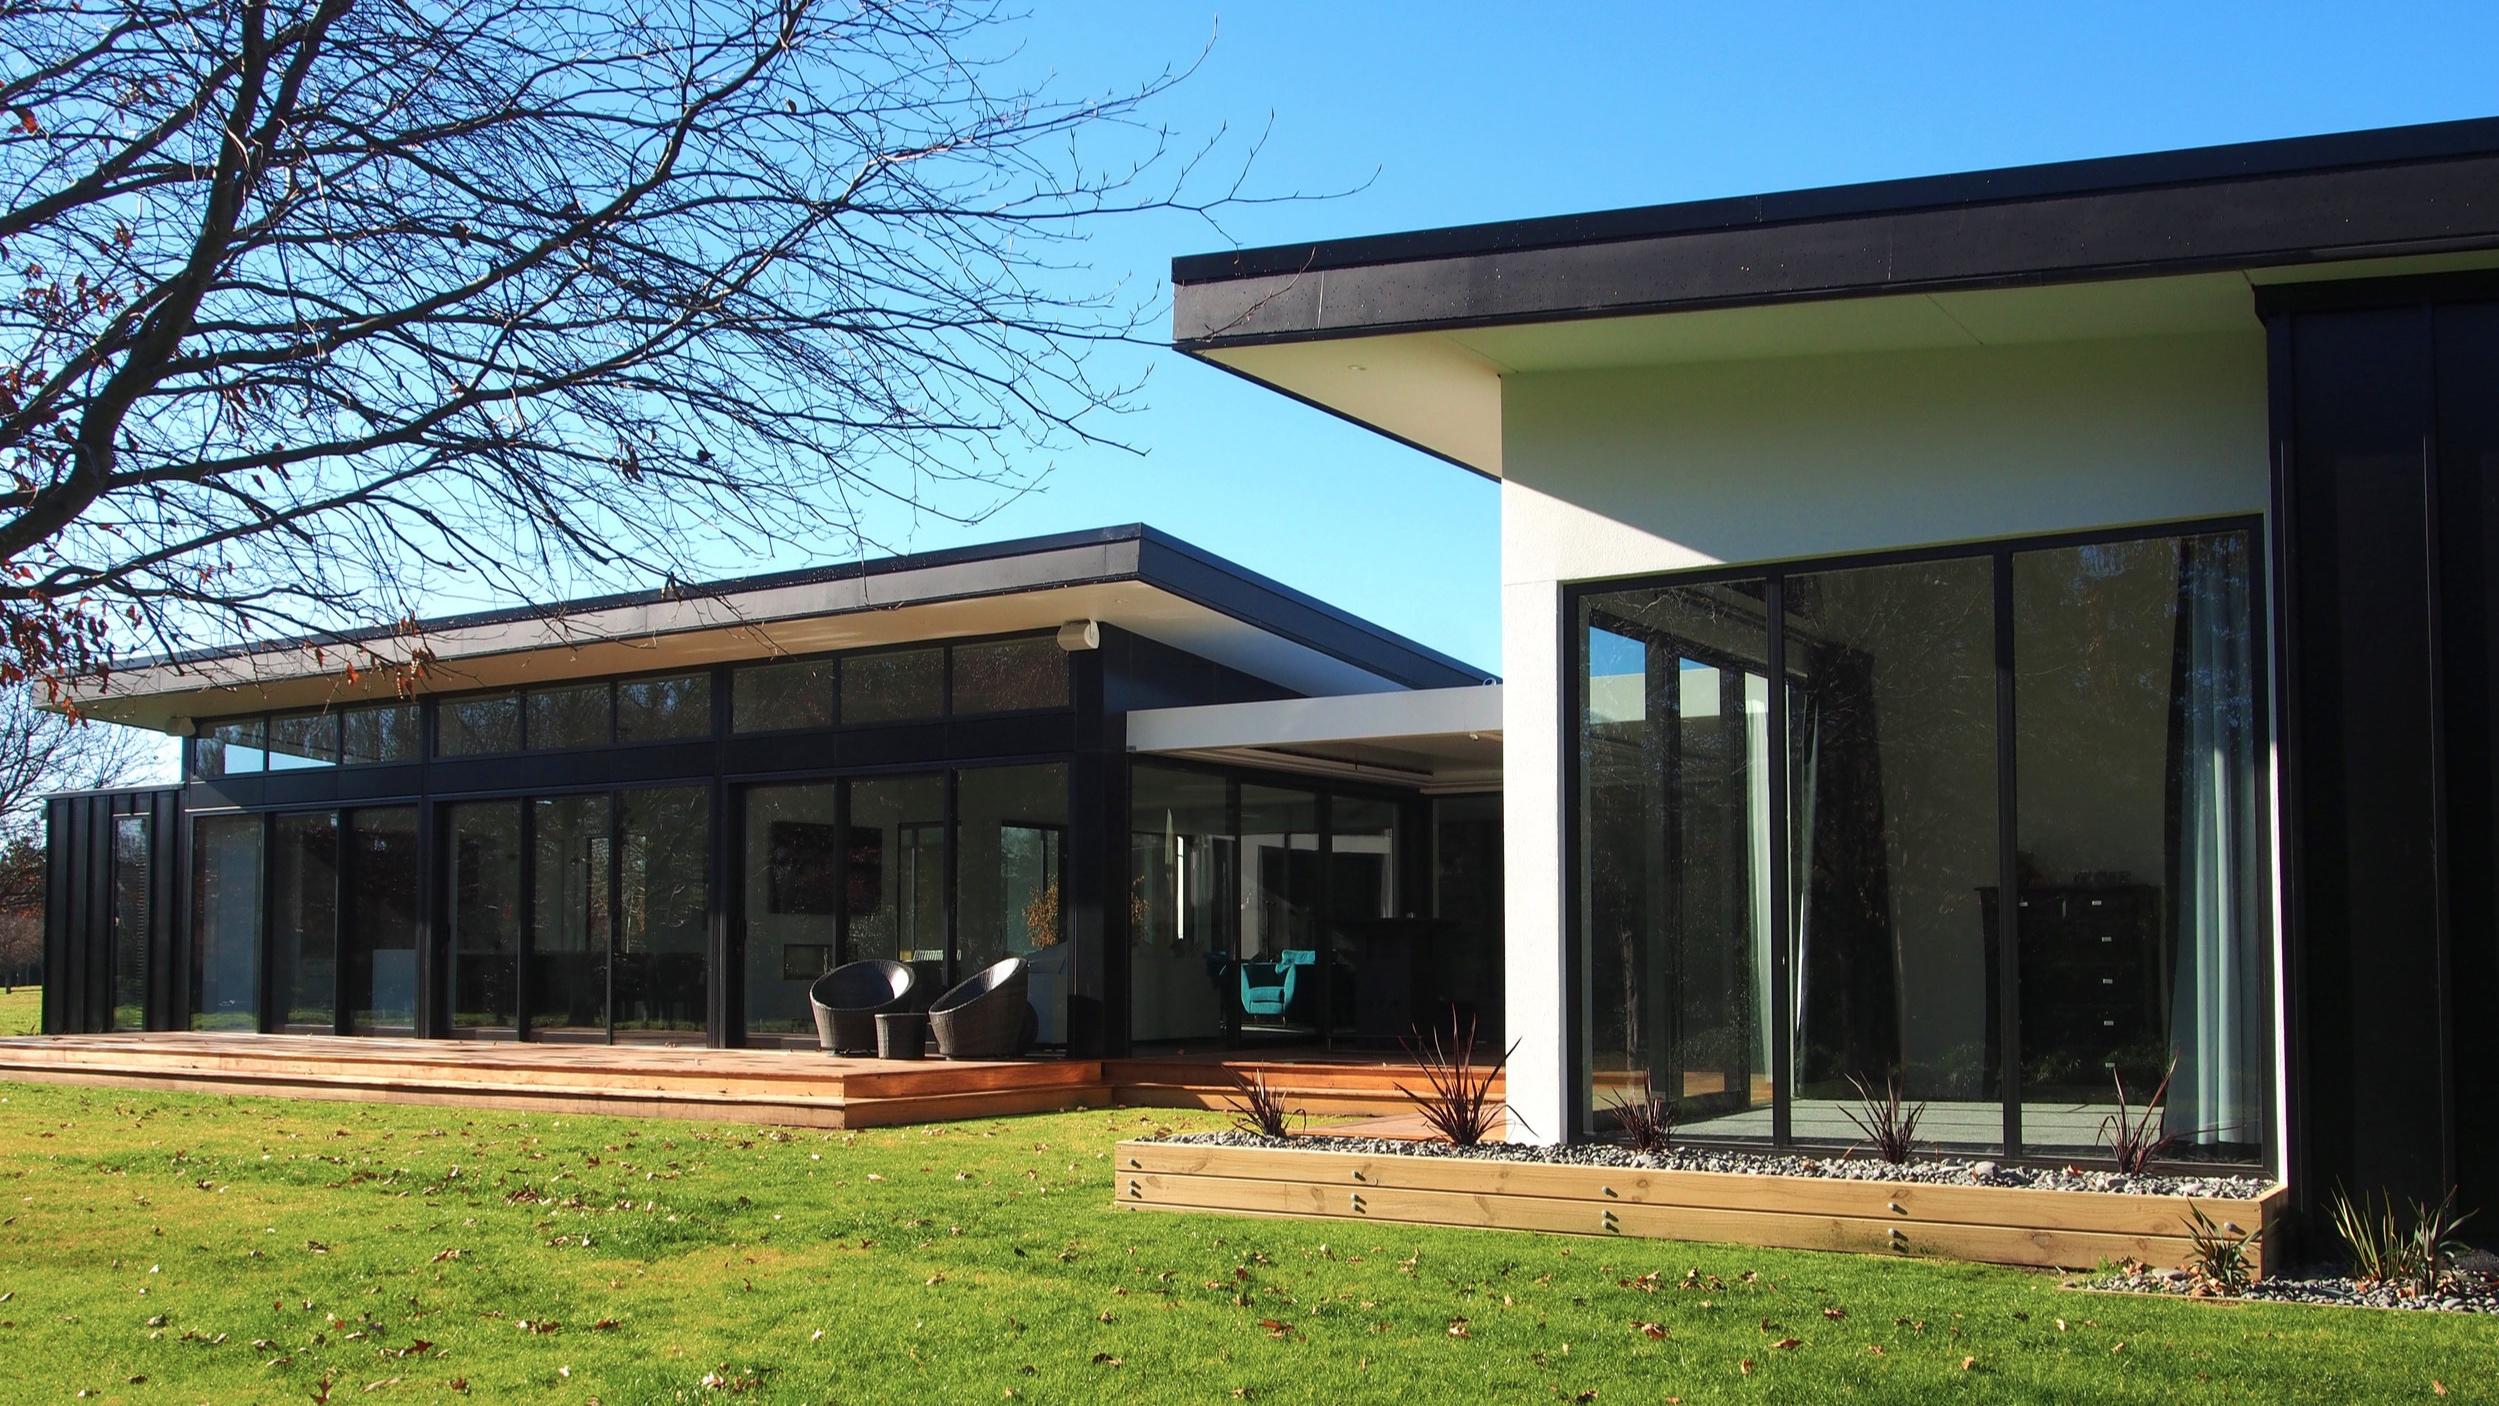 Fiona+Macpherson_Cat.3_Sefton+Inwoods+House_image9_72dpi.jpg